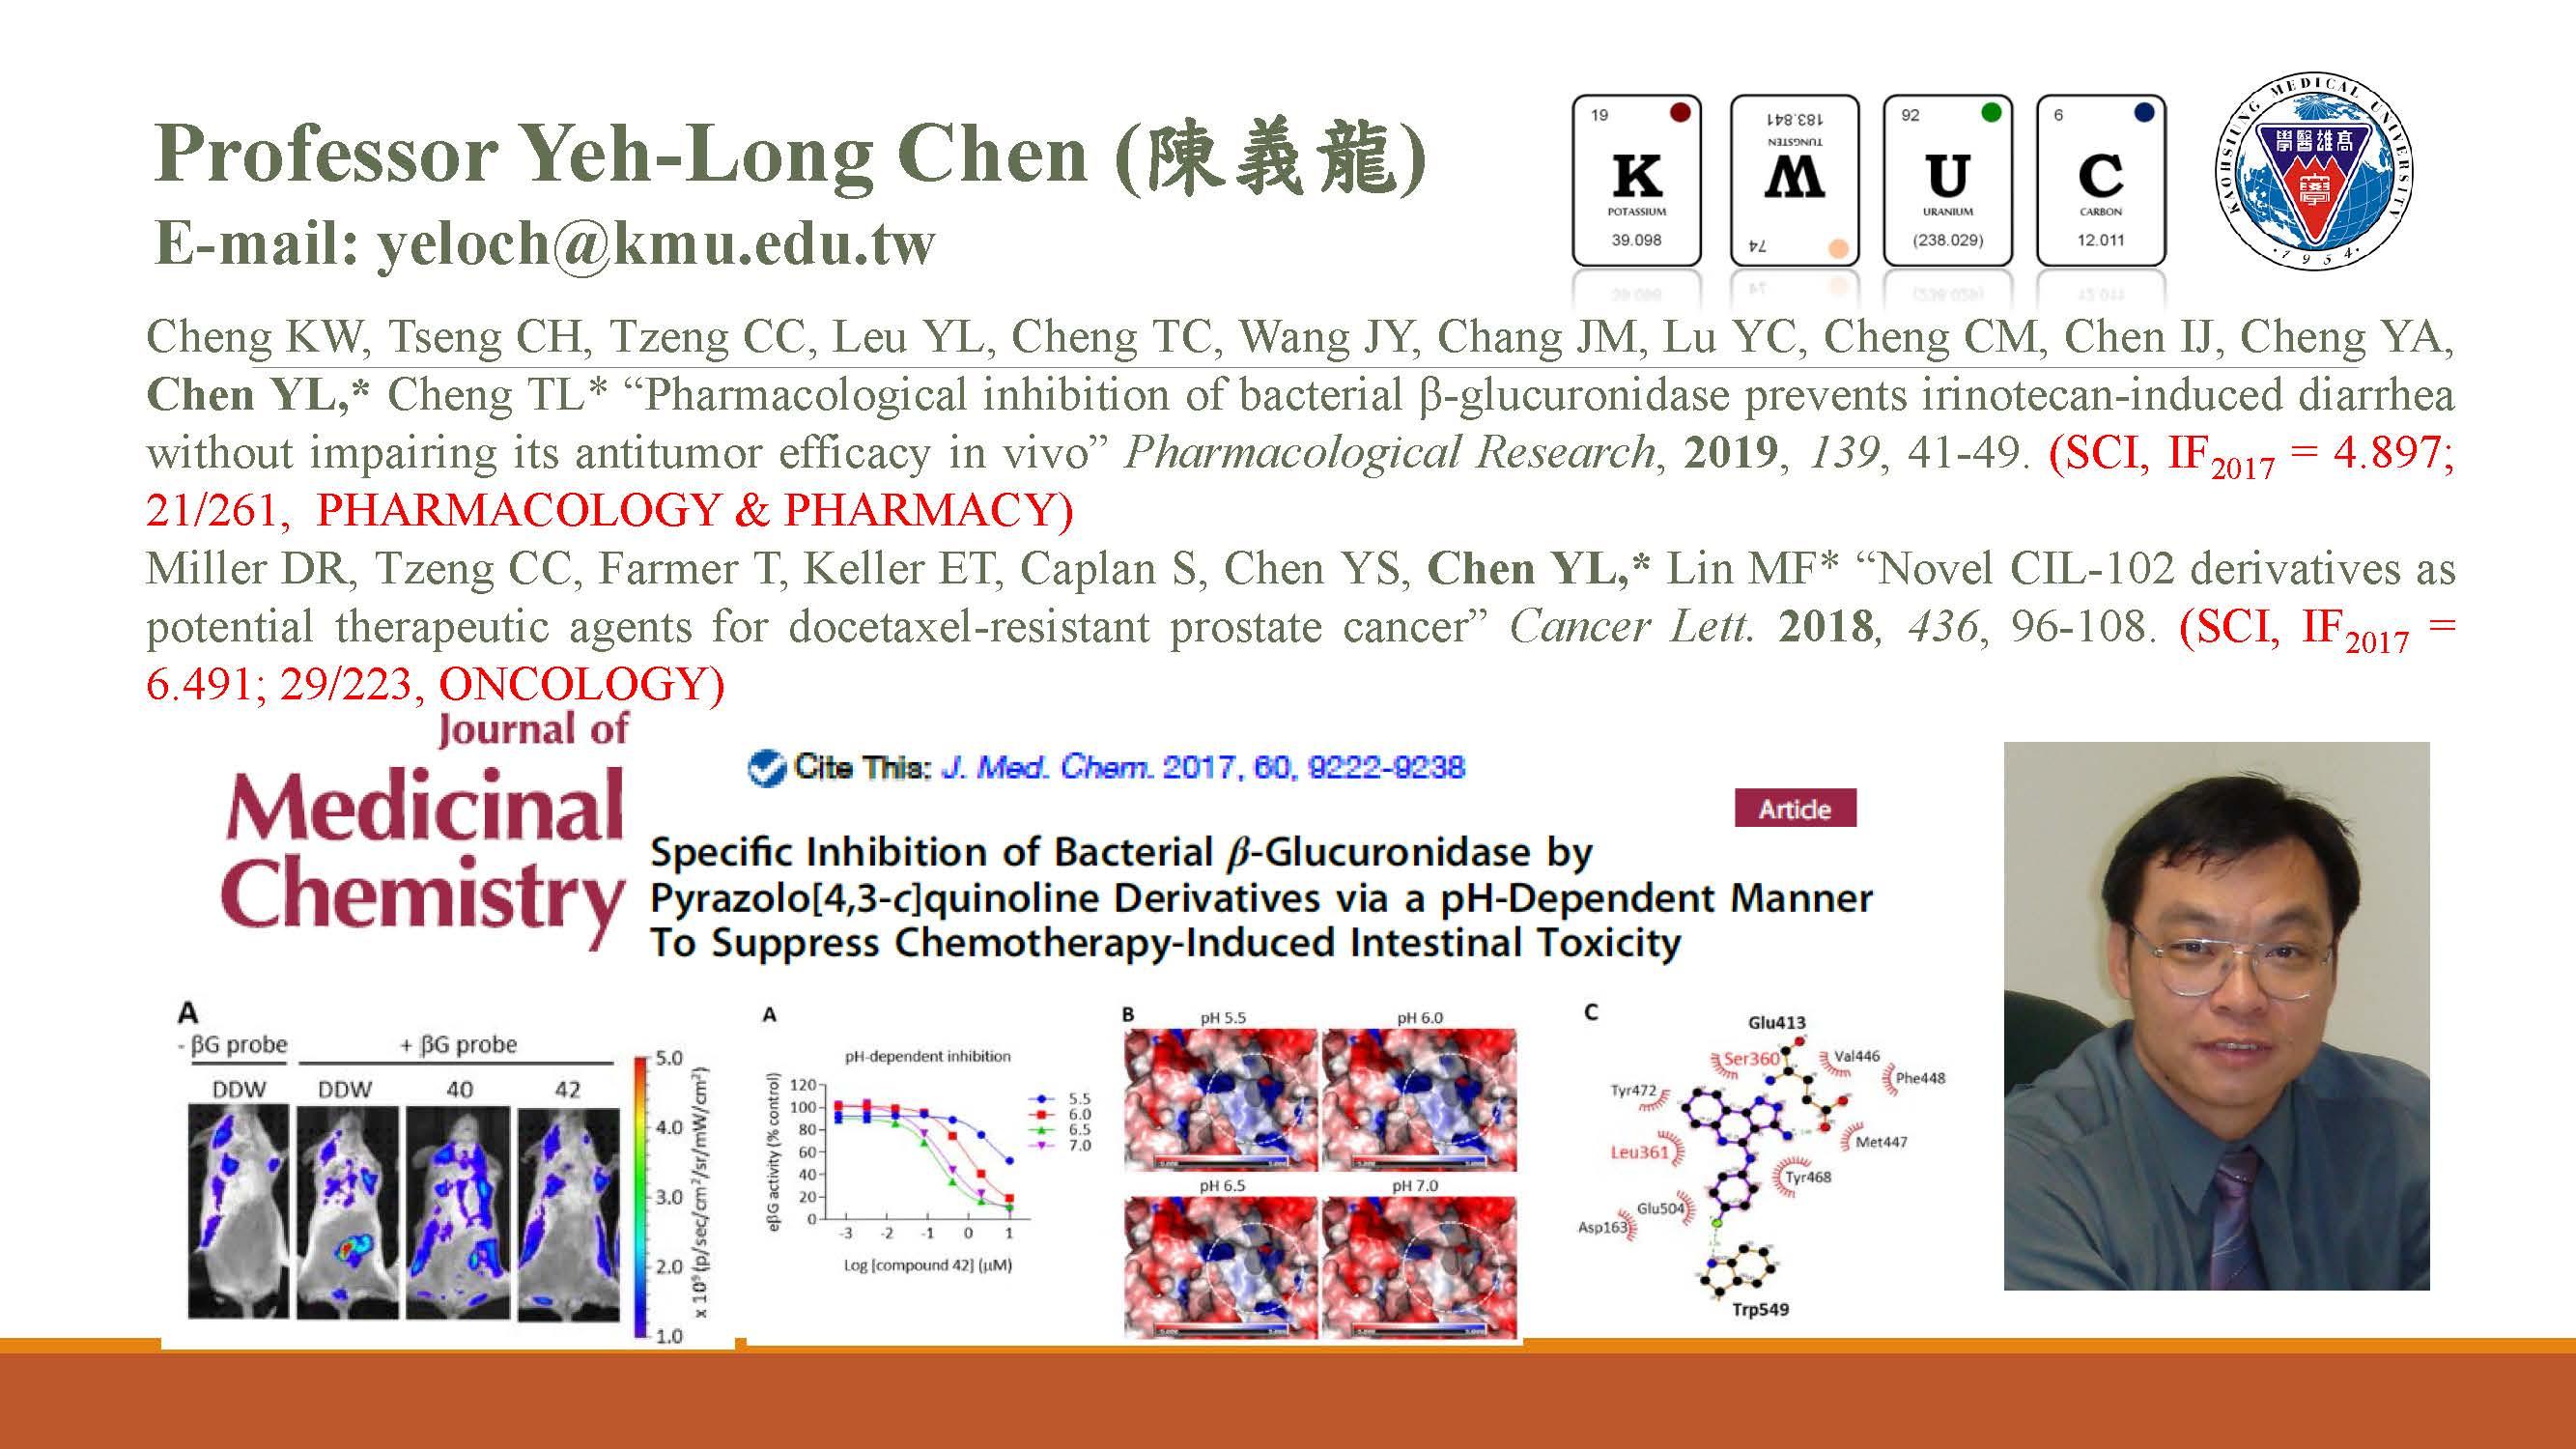 2019_KMUC_教師研究介紹_頁面_05.jpg